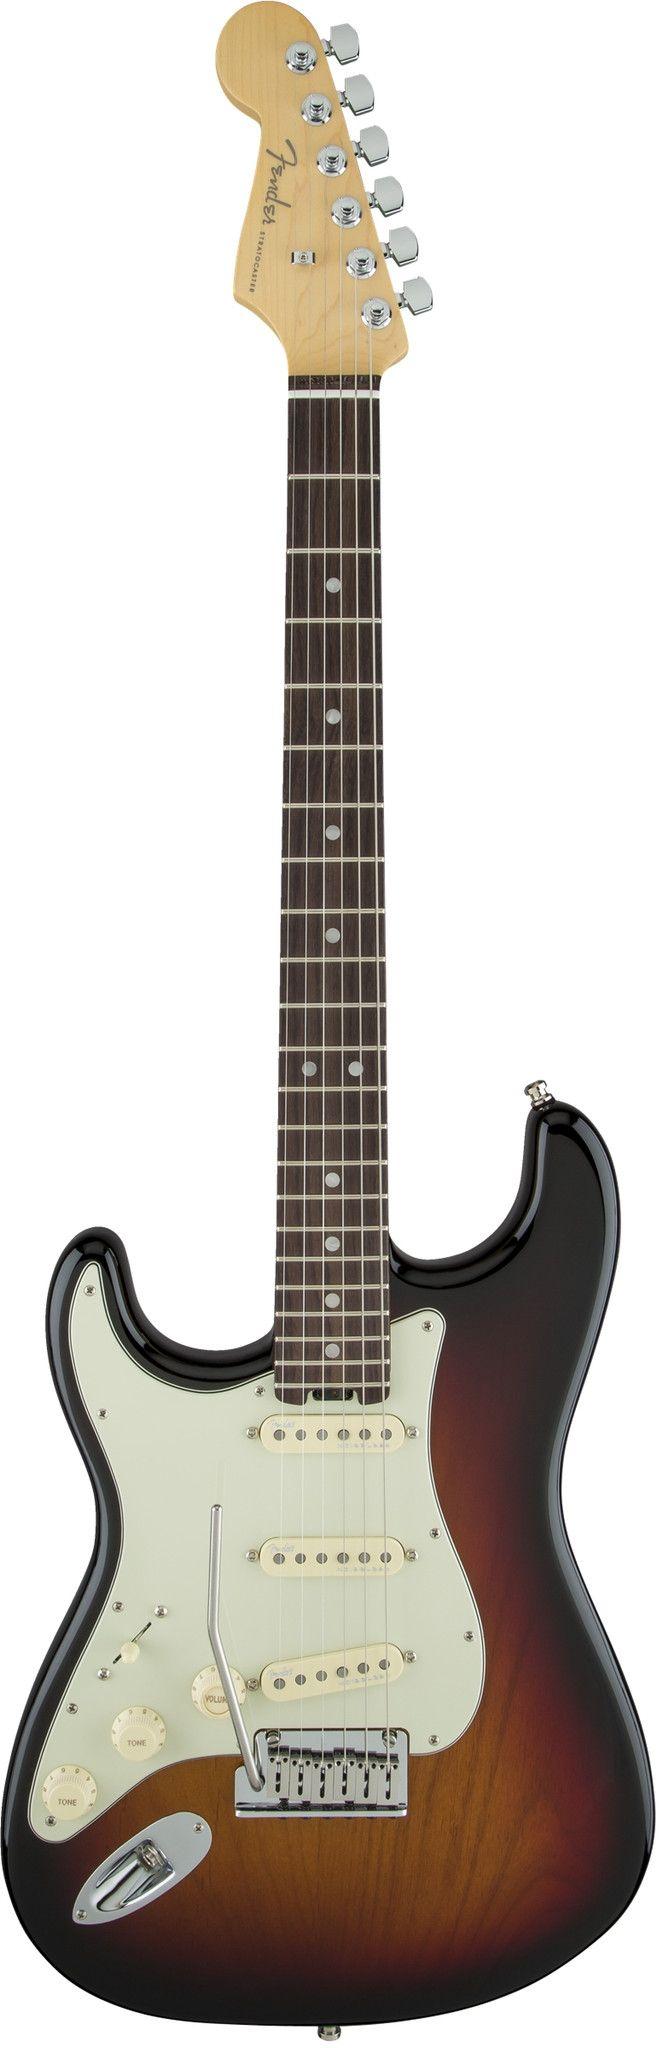 Fender American Elite Series Stratocaster   Left Handed